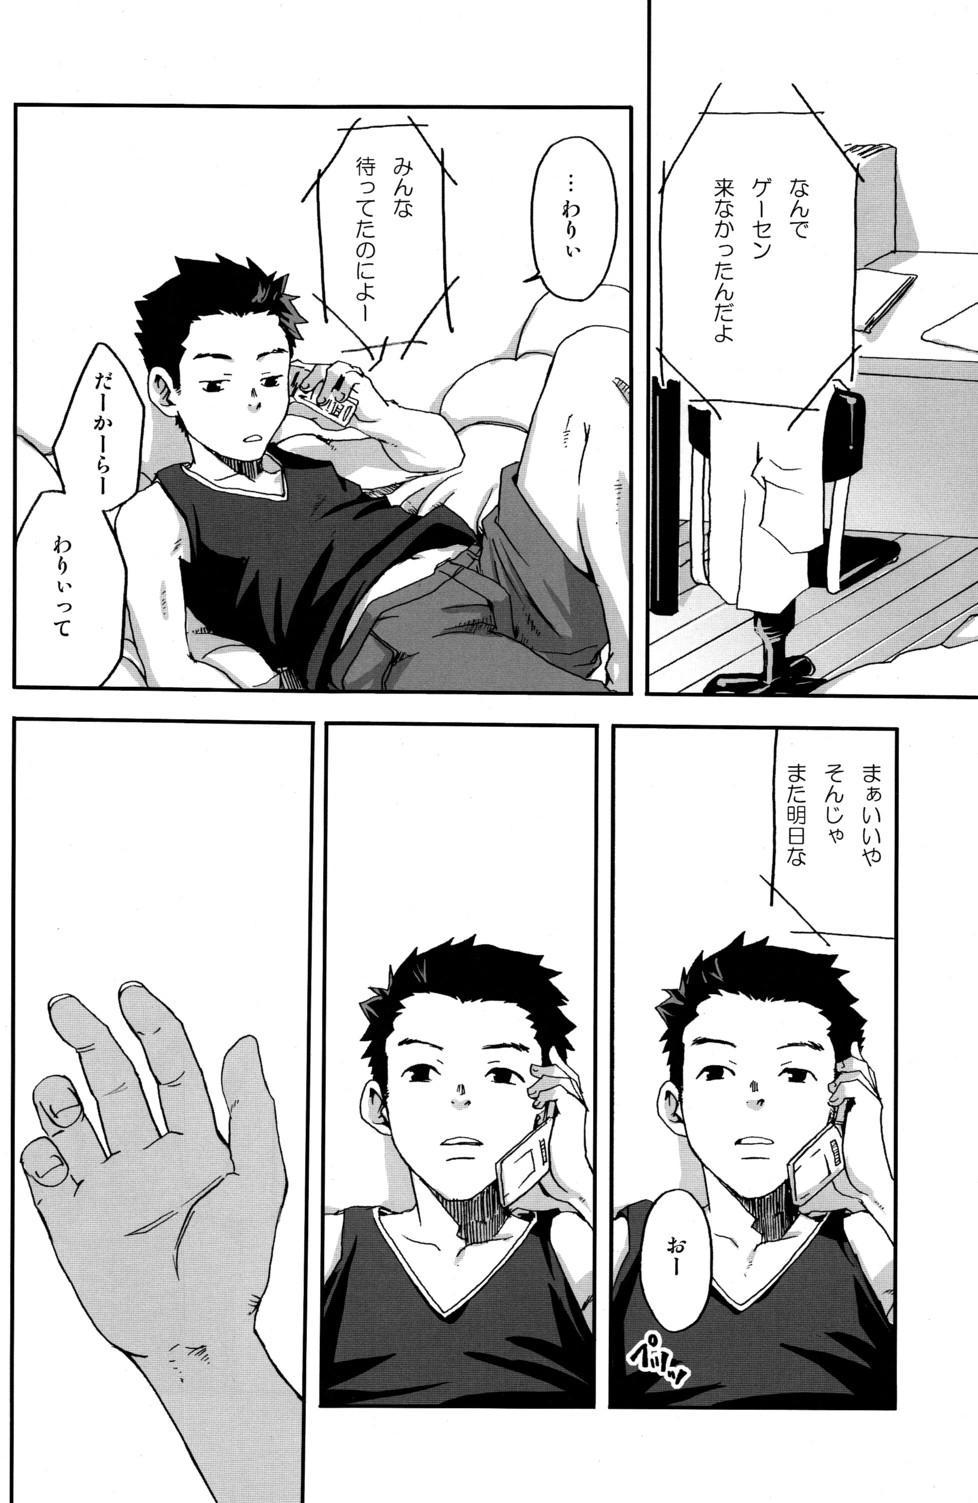 (C78) [Box (Tsukumo Gou)] 【19号(つくも号)】そう言って君は笑うSou Itte Kimi wa Warau 13